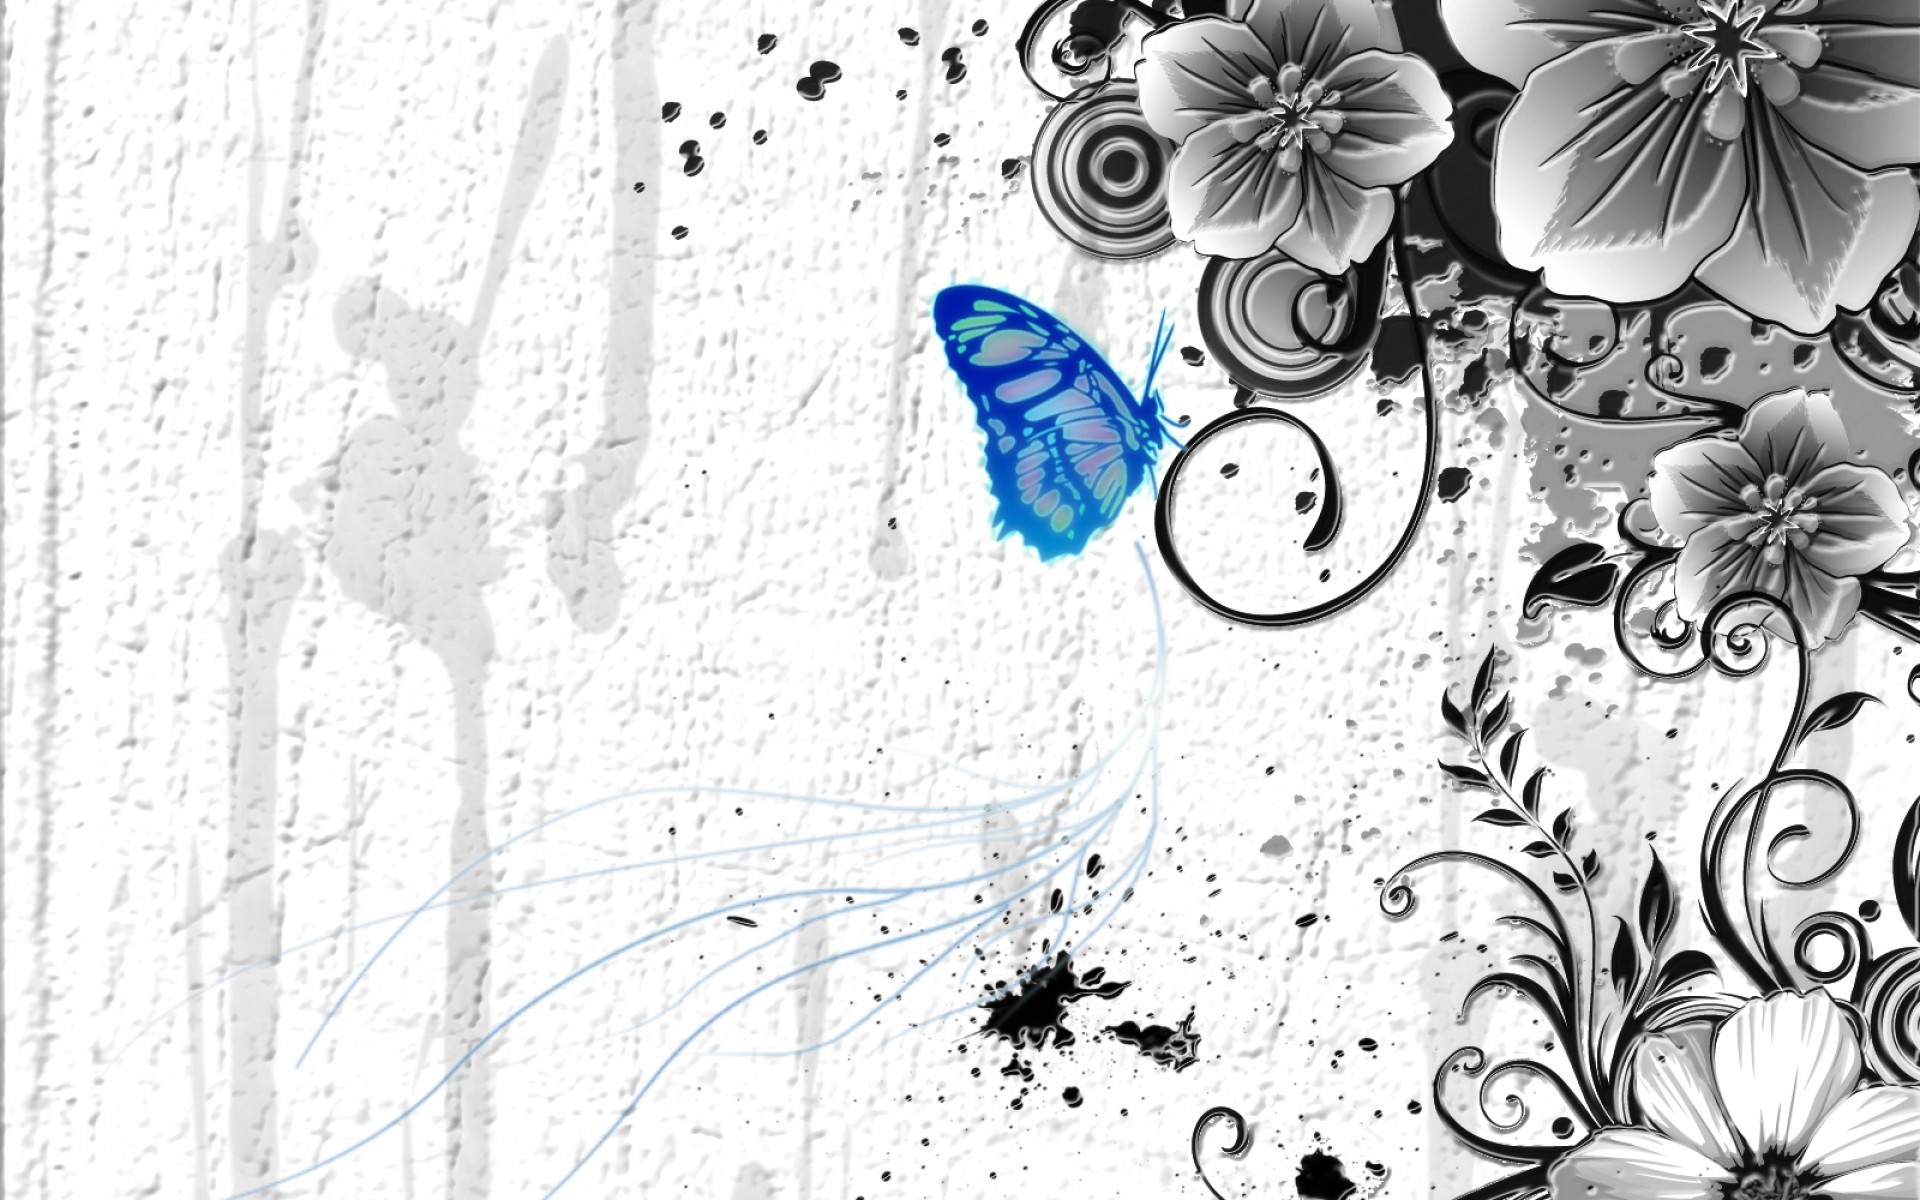 Light Blue Butterfly, Black and White Flower Wallpaper